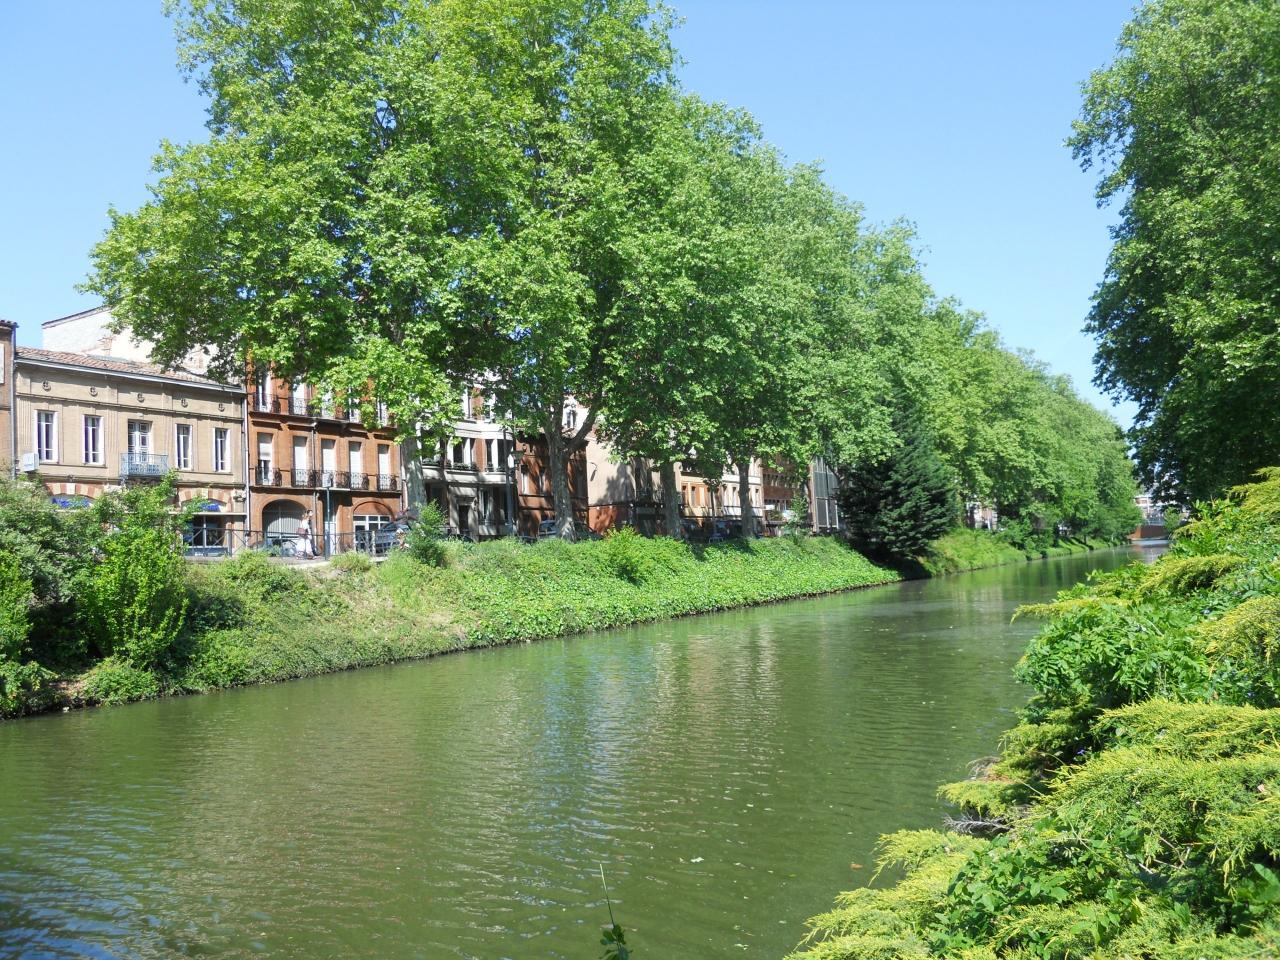 ミディ運河の画像 p1_33